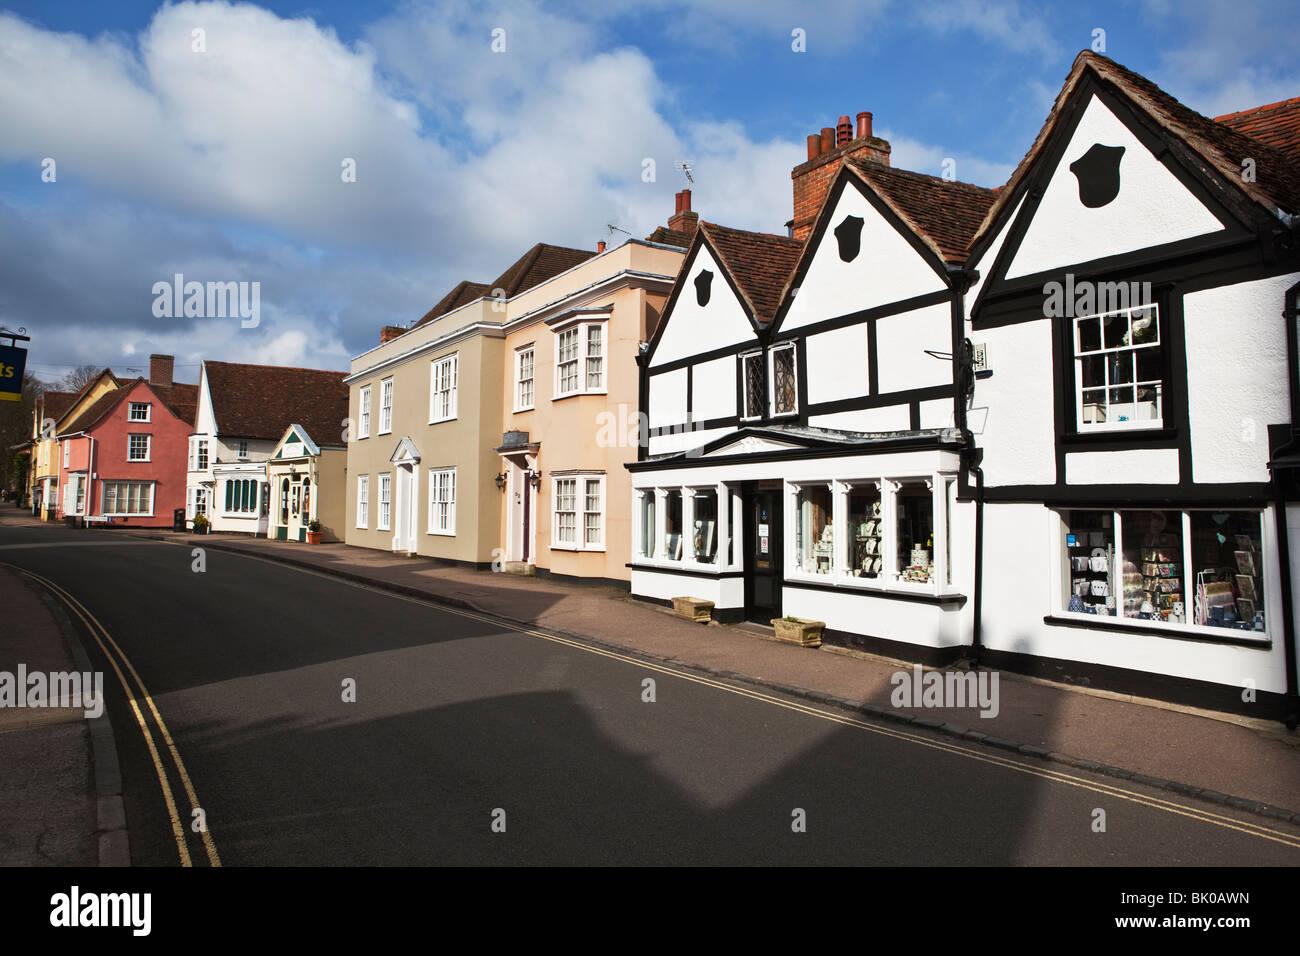 High Street Dedham village Essex England - Stock Image